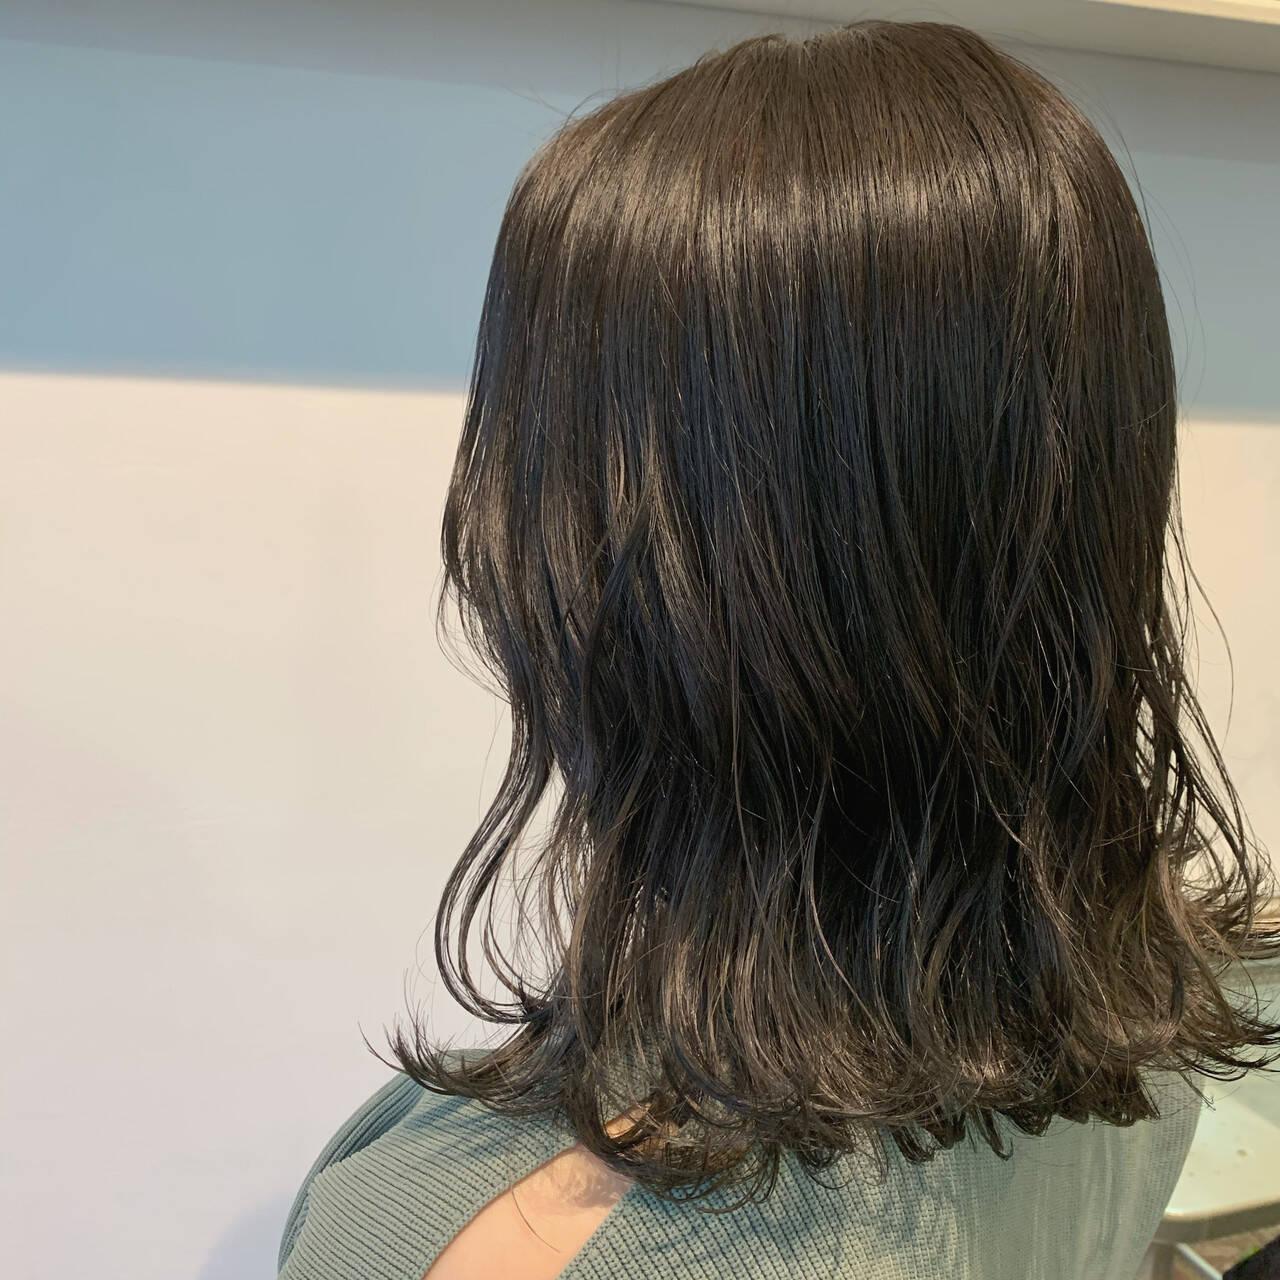 ベージュ ミディアム 透明感カラー 大人可愛いヘアスタイルや髪型の写真・画像